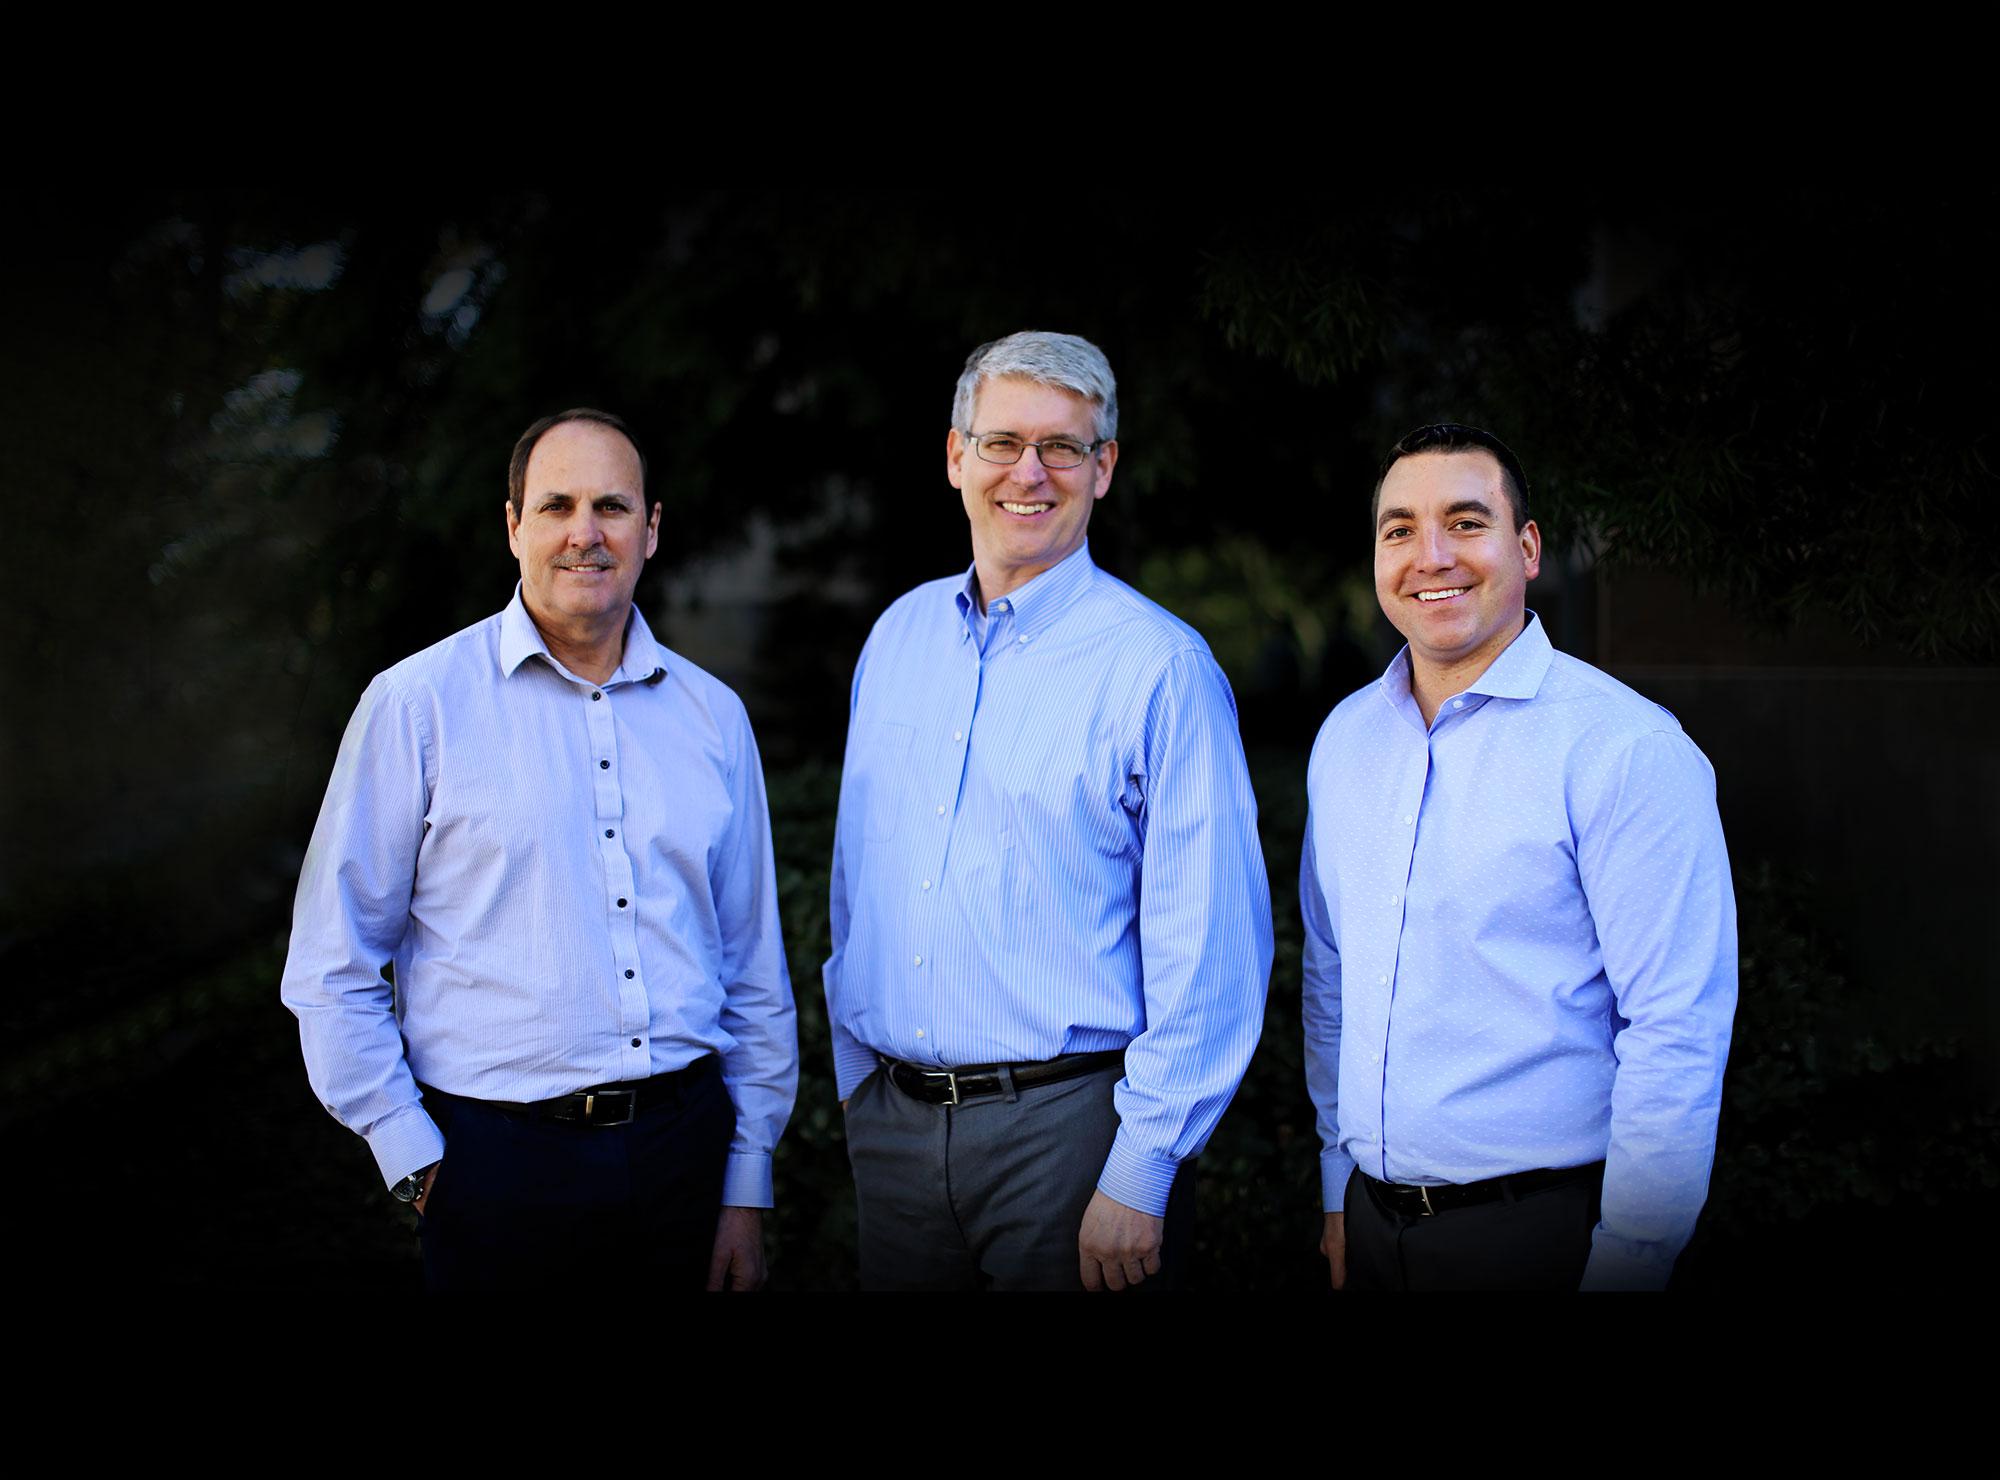 Wiseman Rohy Leaders: Steve Rohy, Jim Wiseman, Dave Maestas